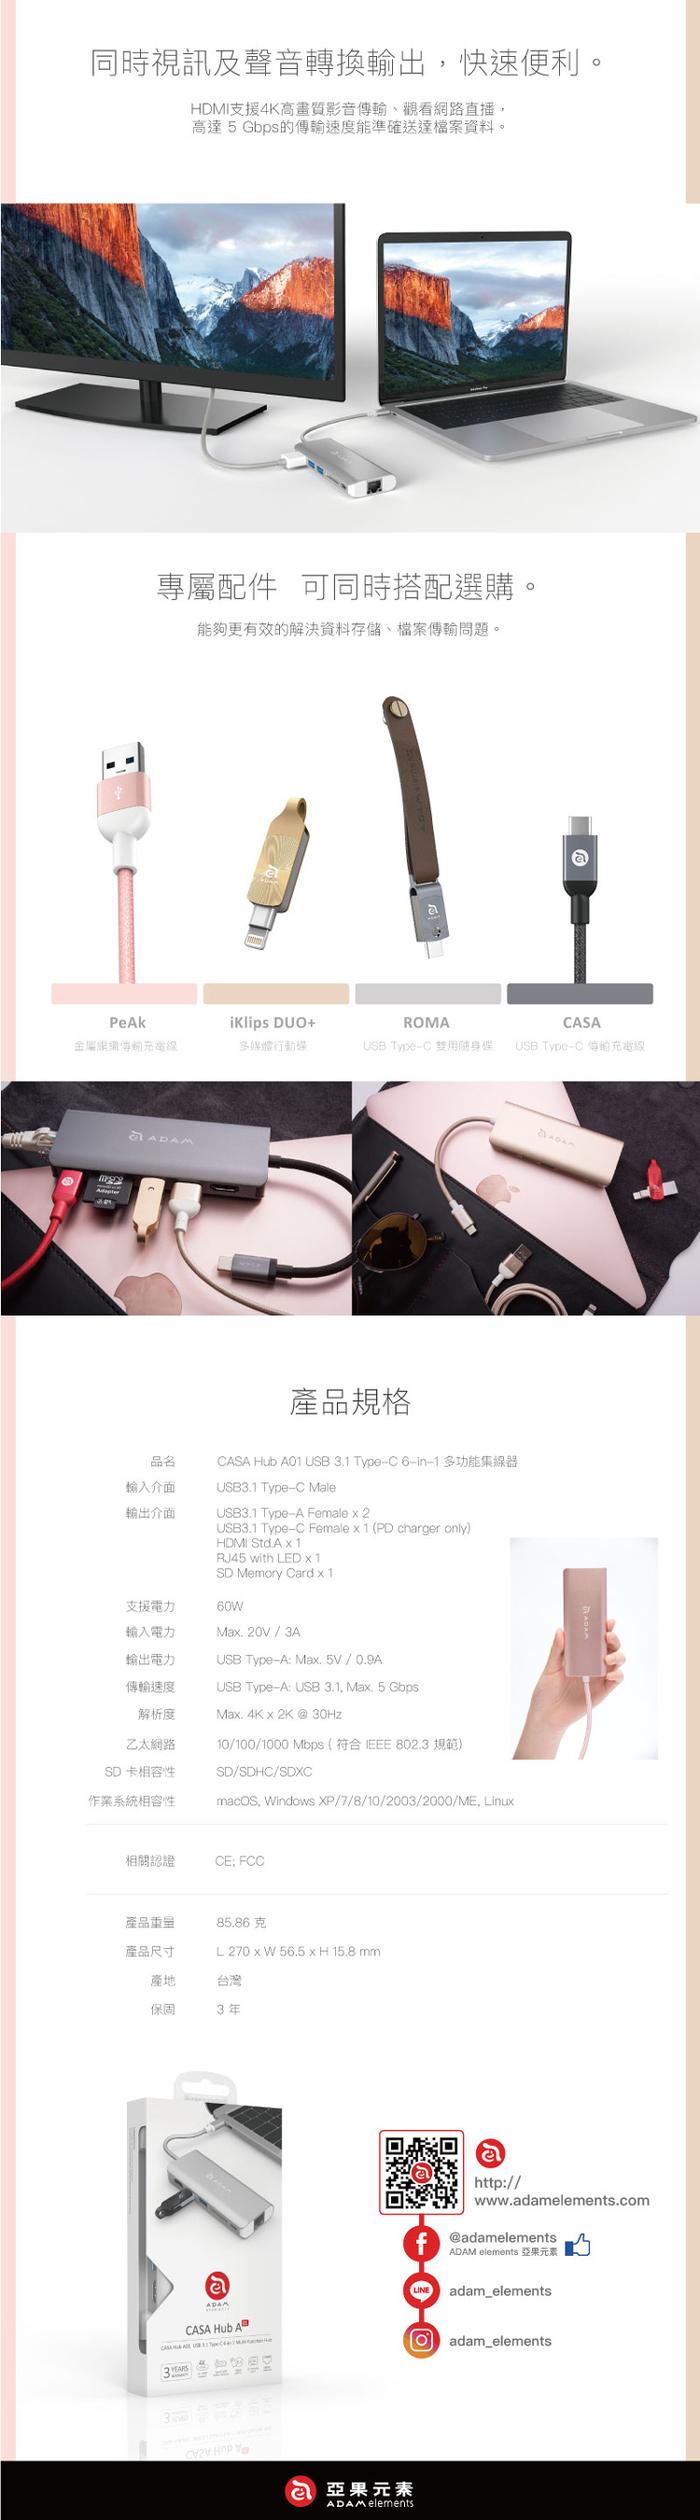 ADAM|Hub A01 USB 3.1 USB-C 6 port 多功能集線器